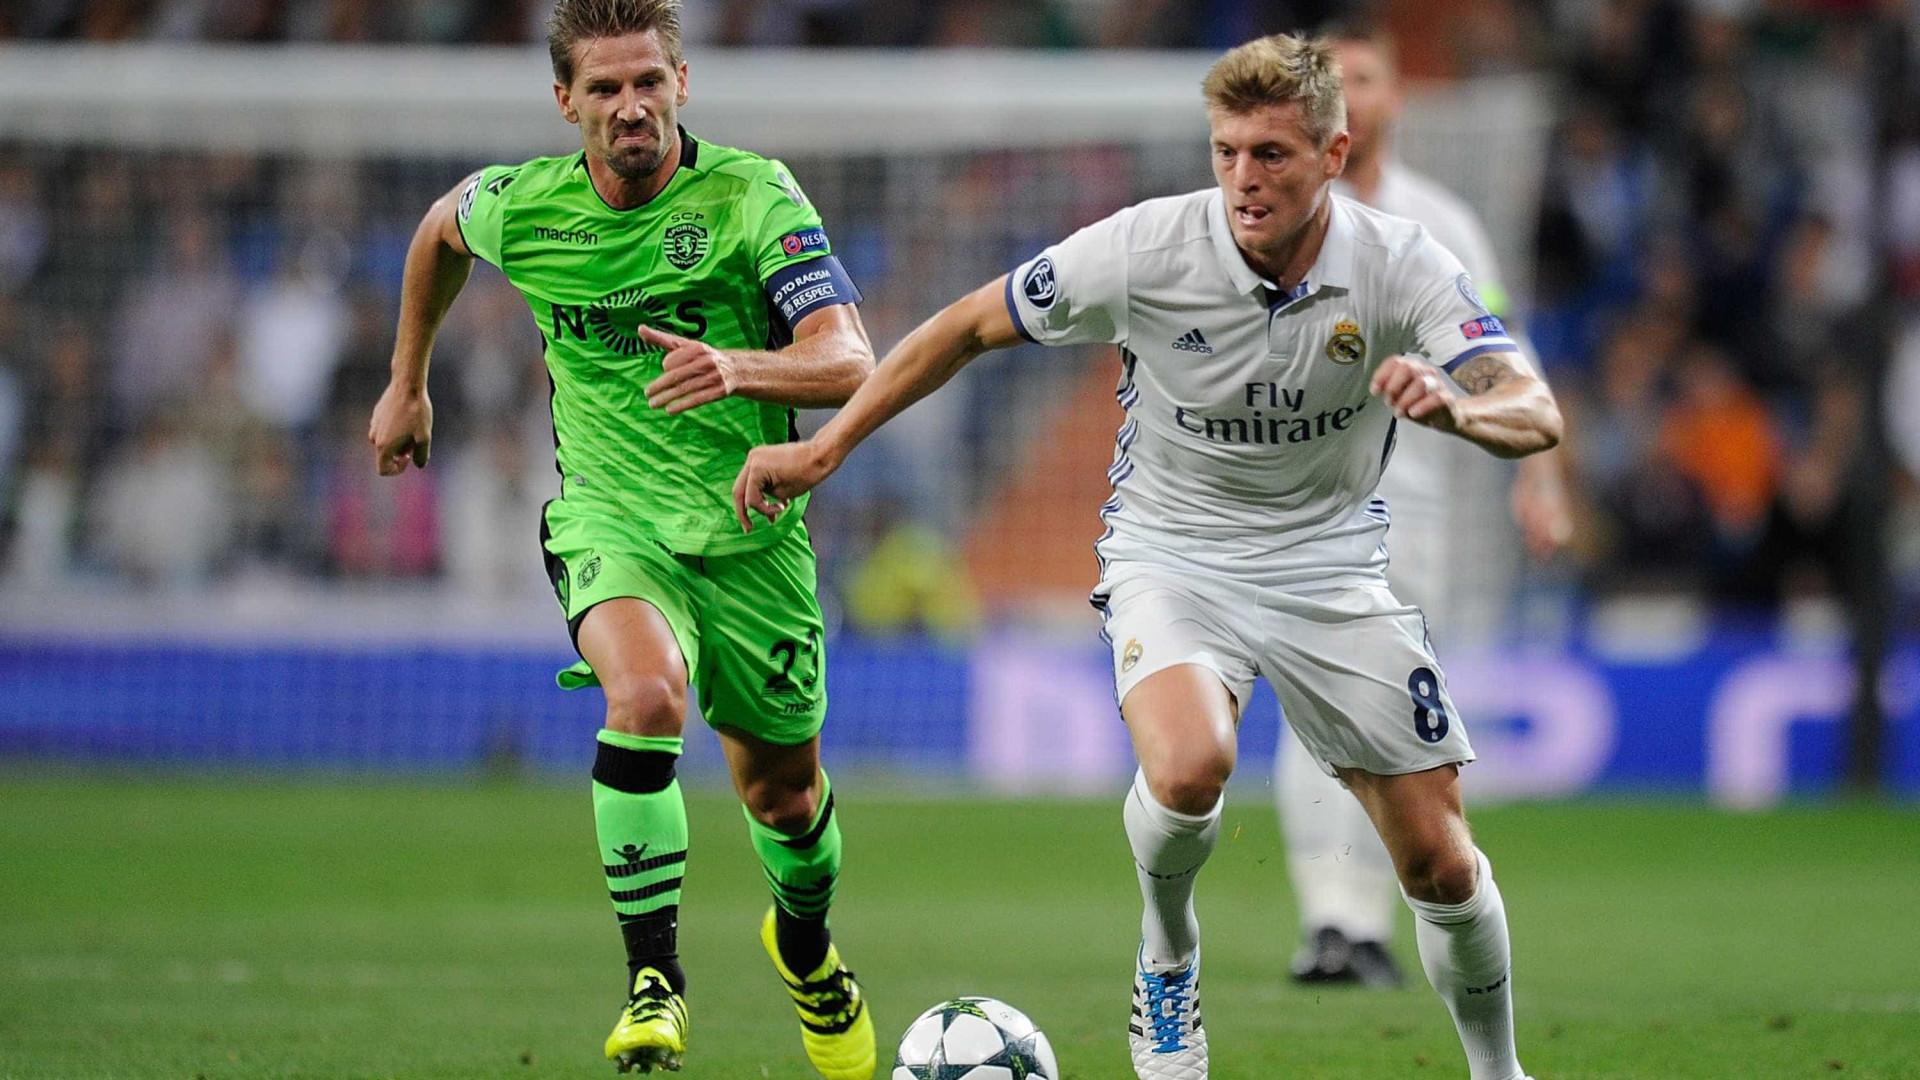 Que jogadores do Real Madrid, Kroos levava para a seleção alemã?